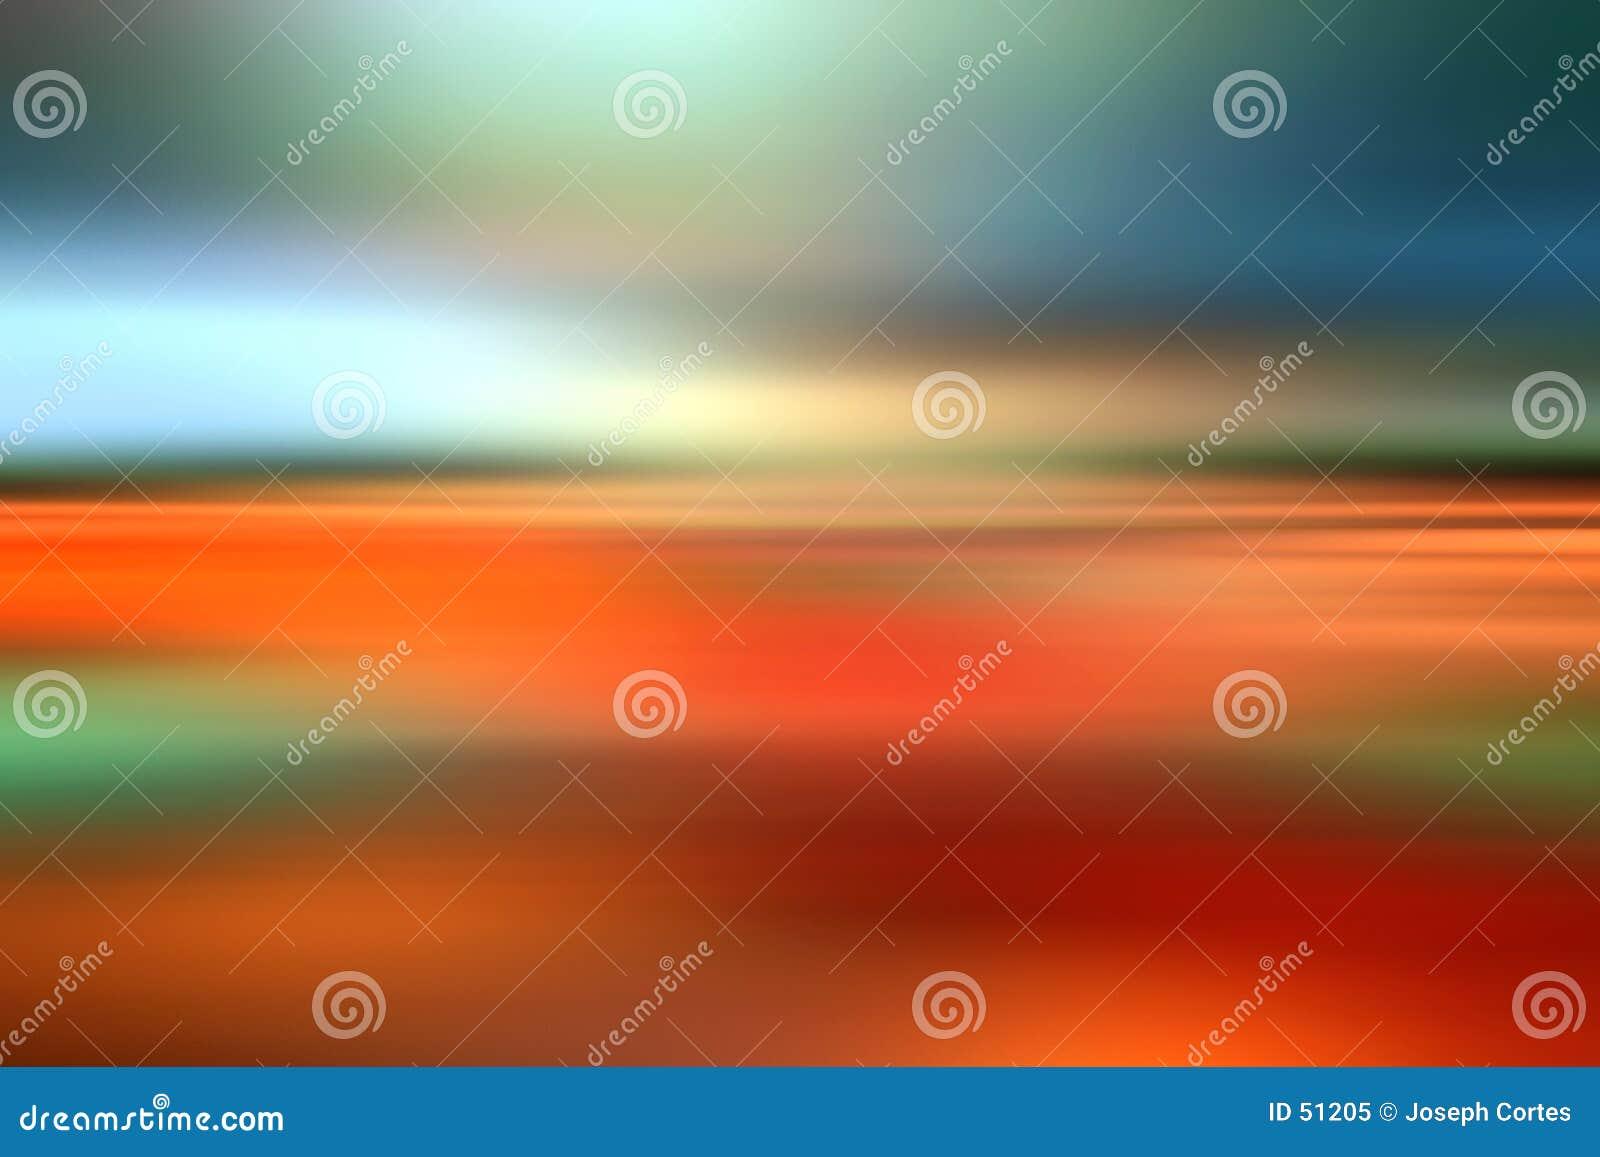 Abstract landscape blur colors